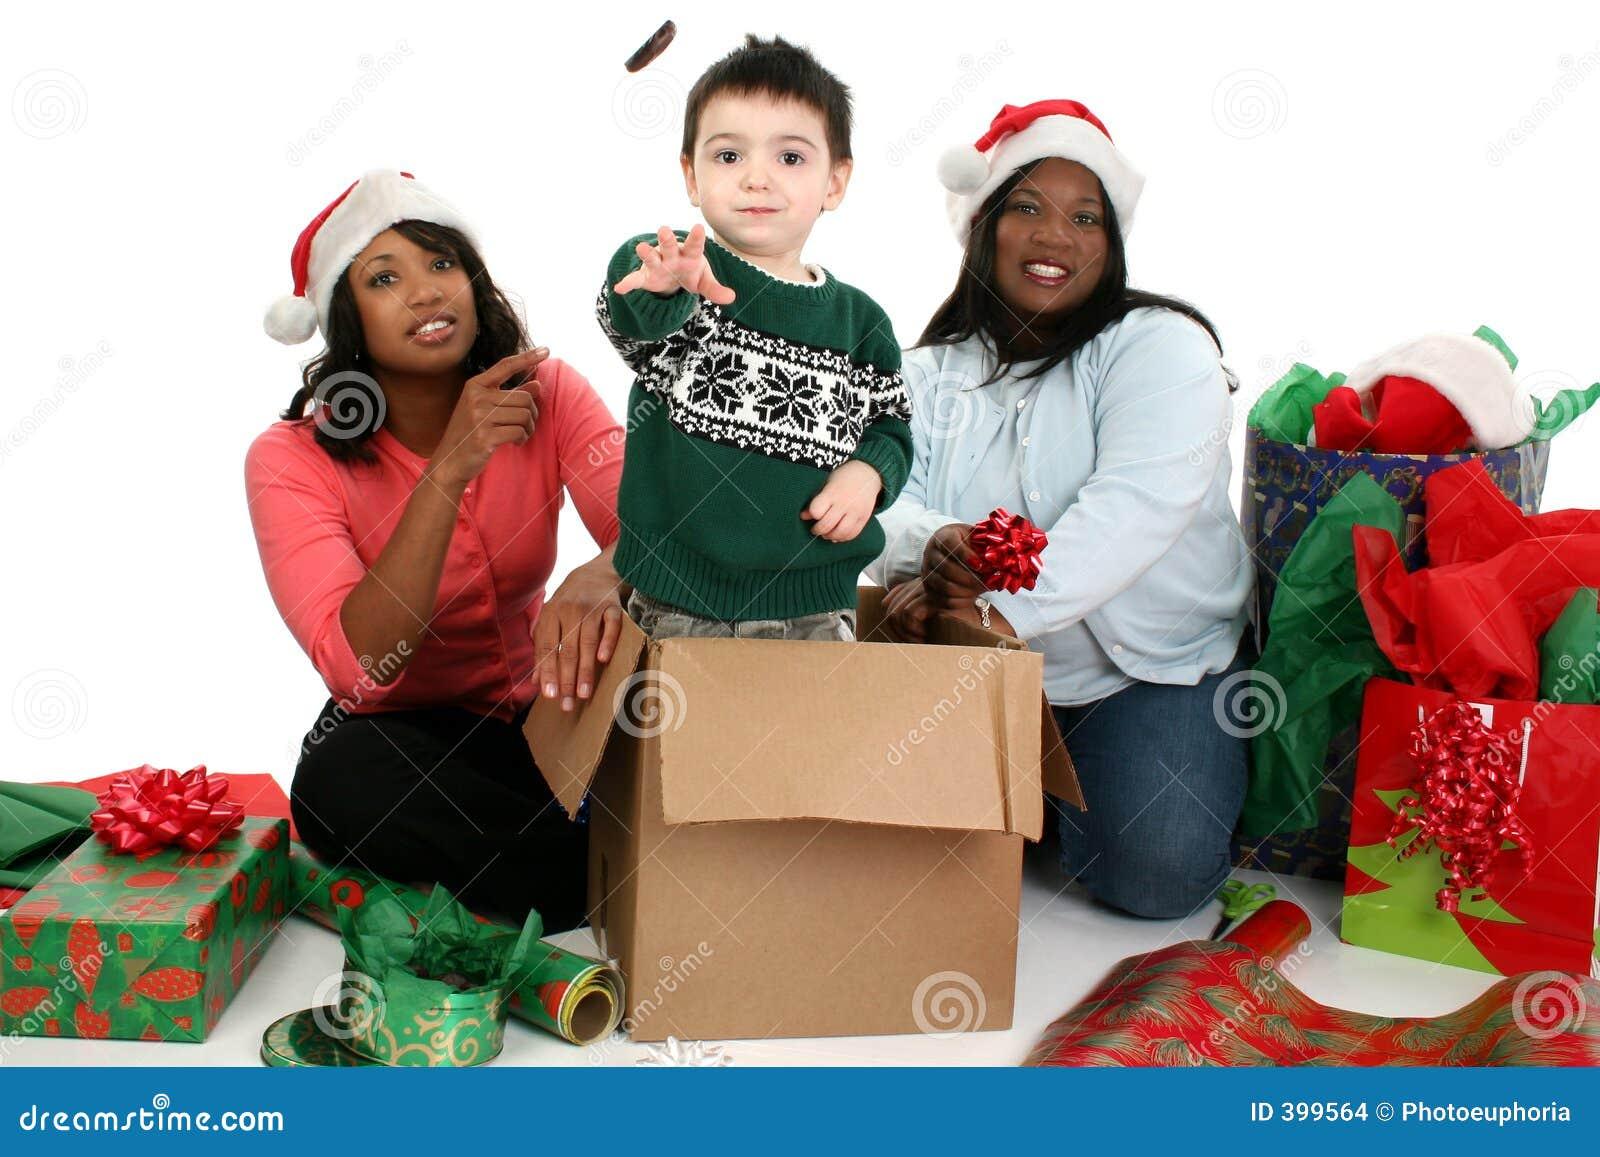 Photographie courante : Scène de Noël